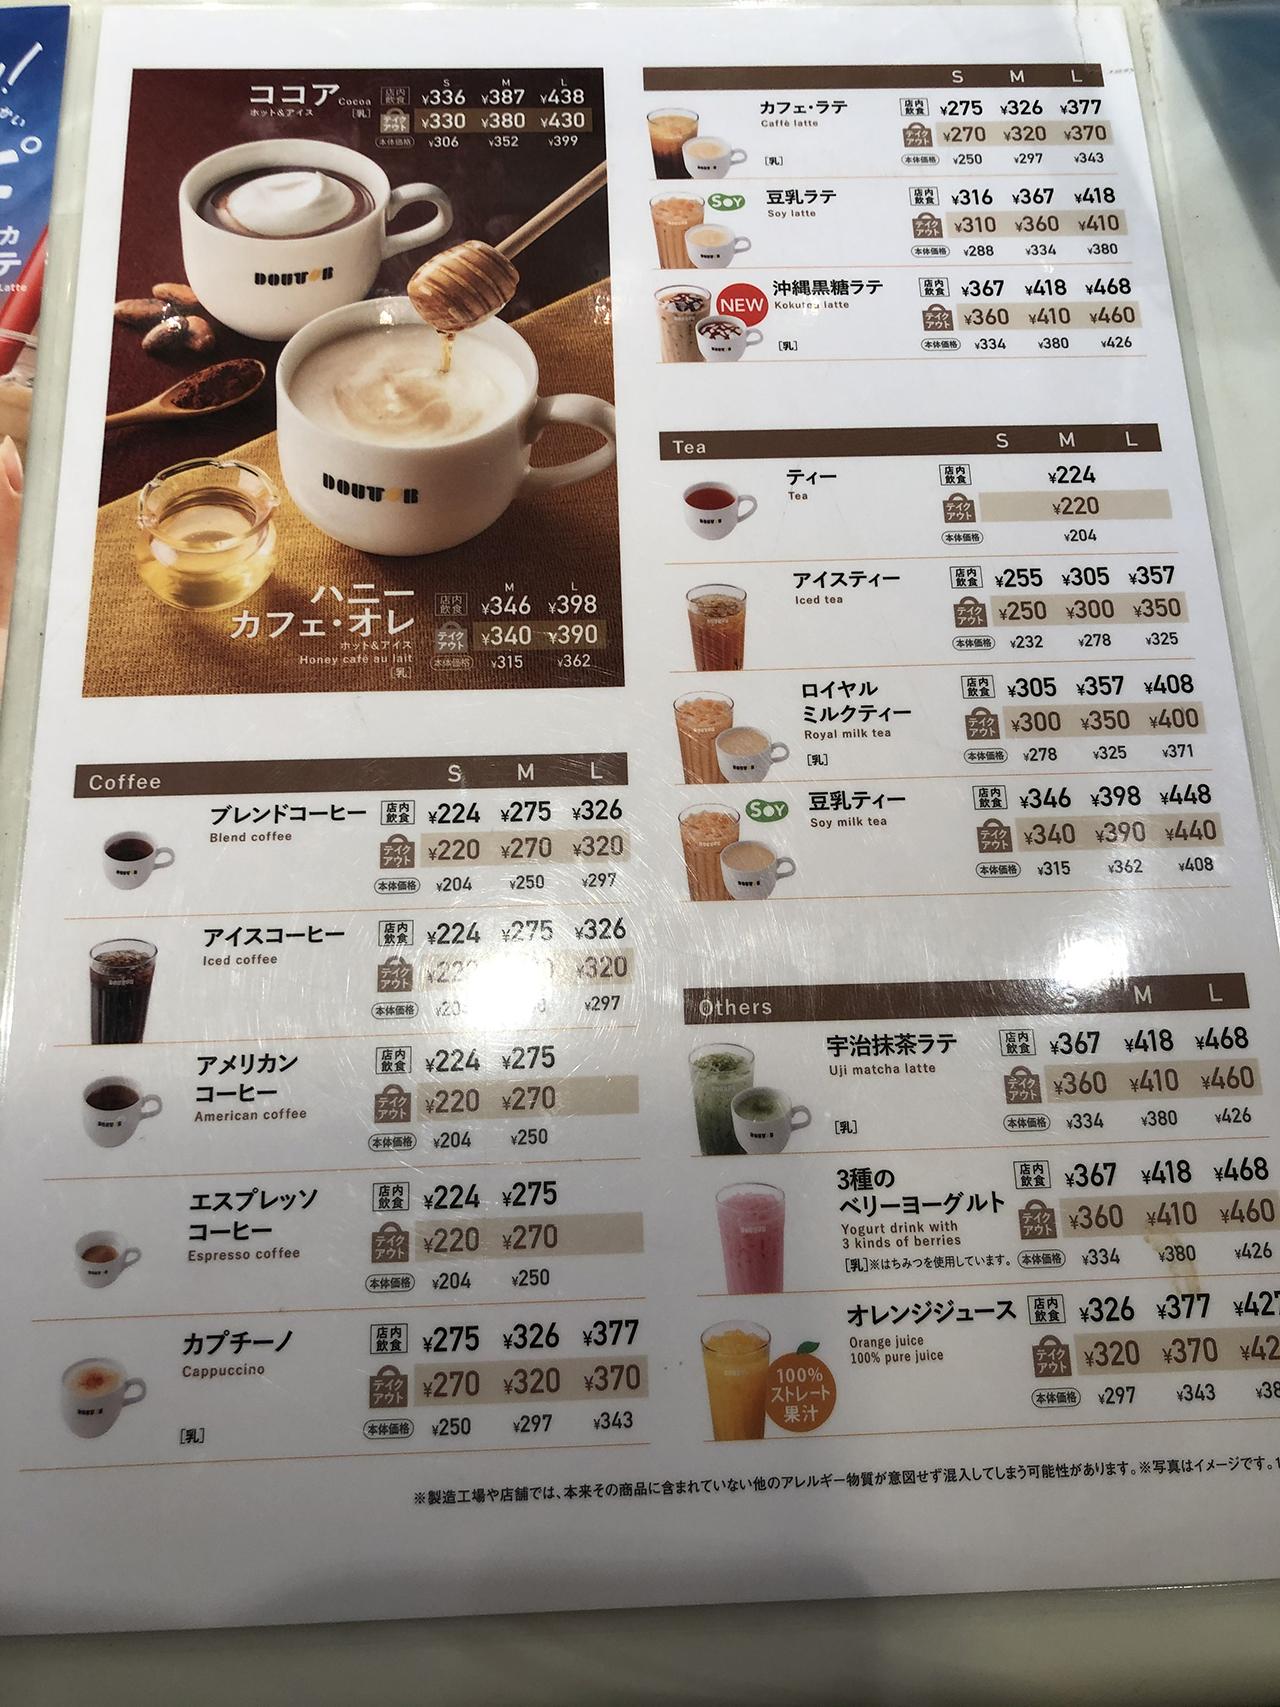 ドトールコーヒーショップ 千葉県庁前駅前店の投稿写真6